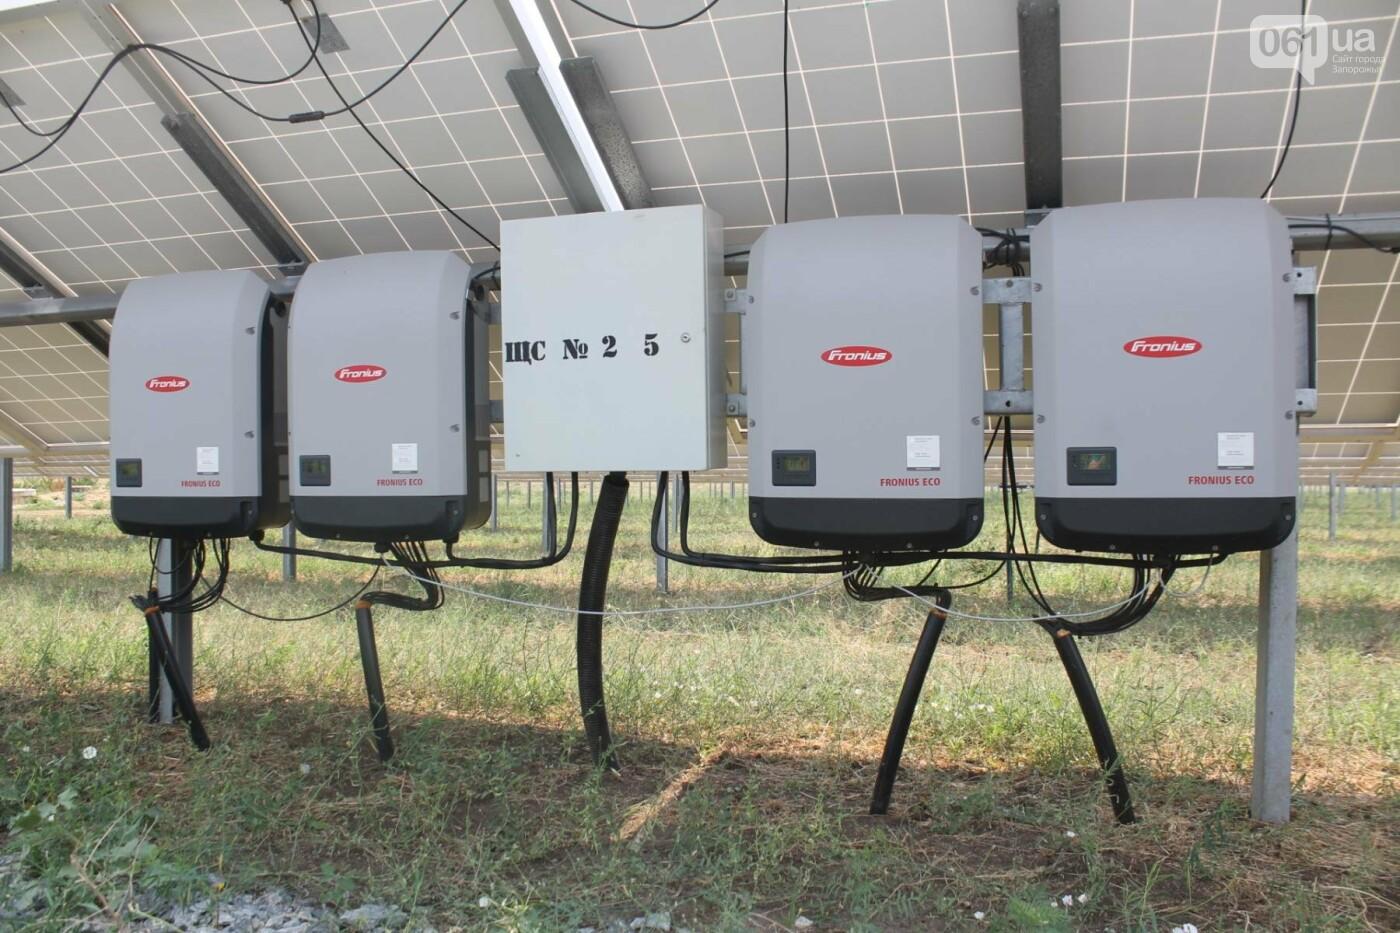 Как в Запорожской области работает крупнейшая в Украине солнечная станция: экскурсия на производство, — ФОТОРЕПОРТАЖ, фото-20